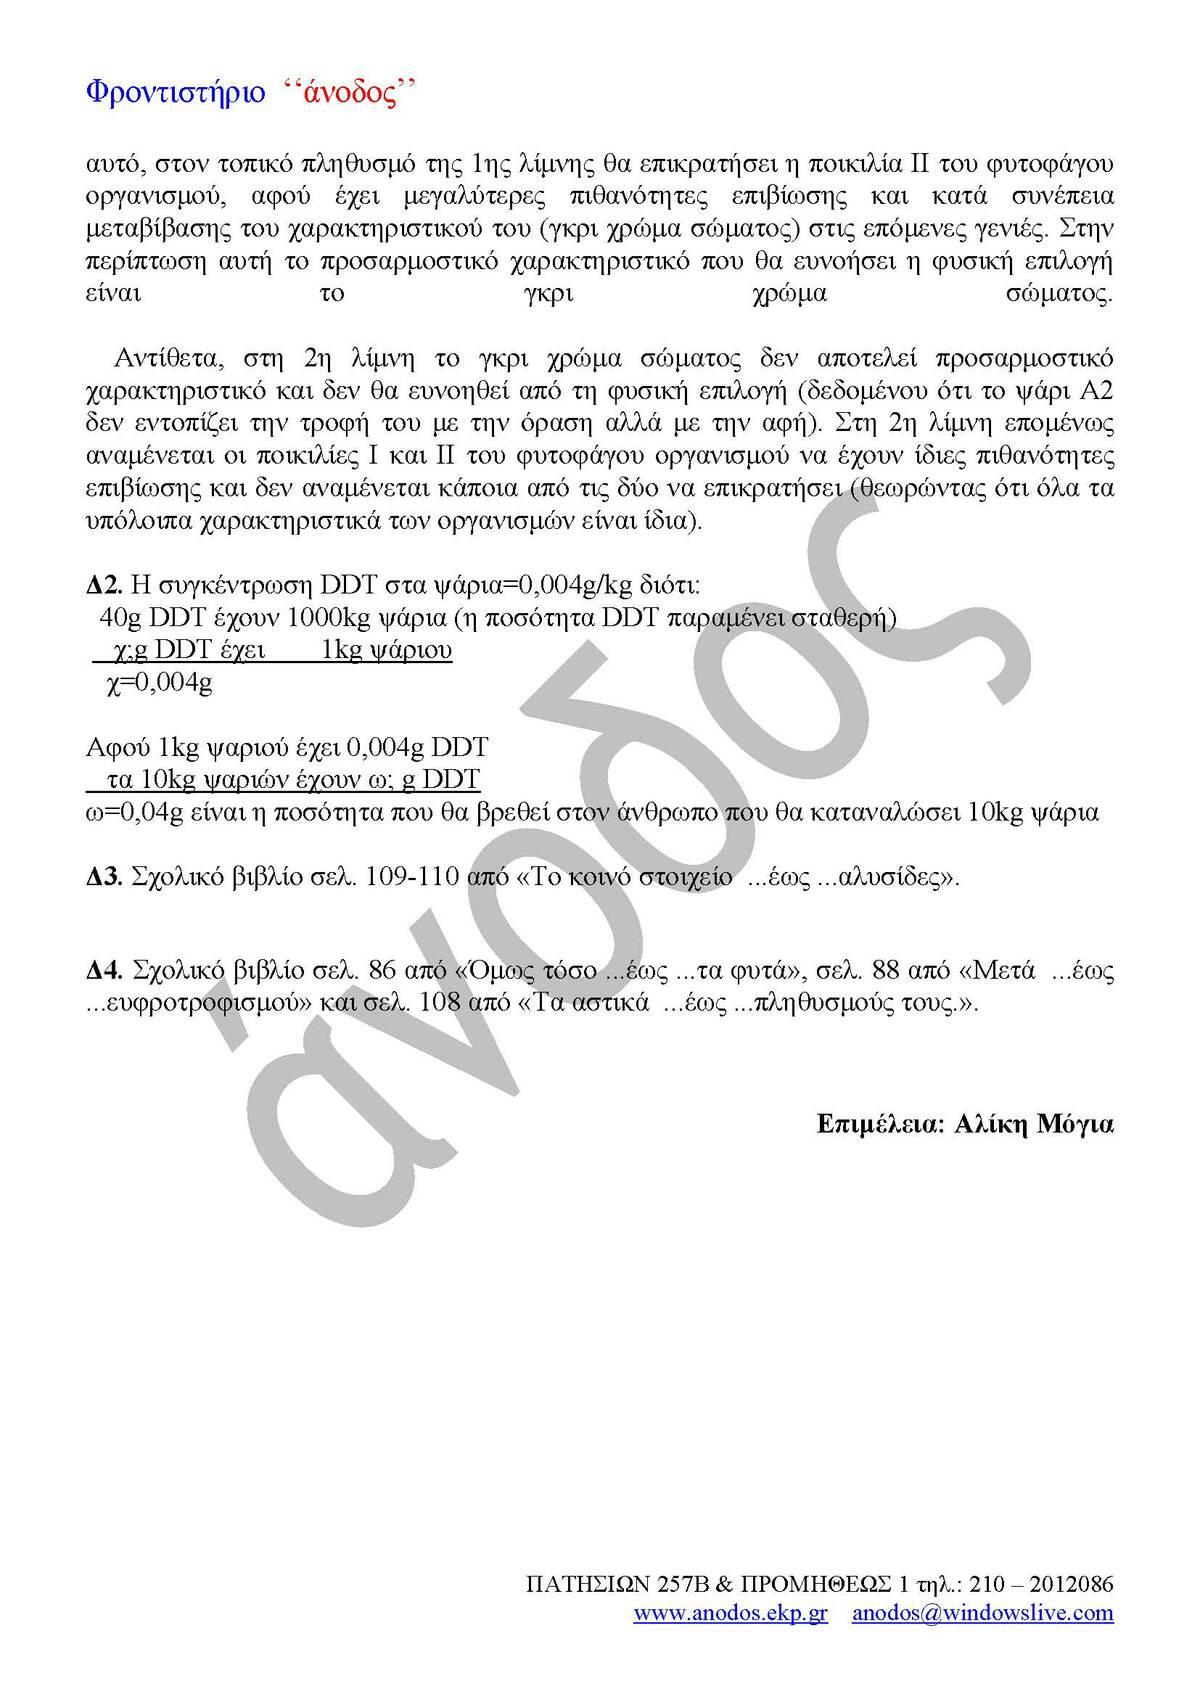 apanthseis protinomenwn biologias Page 2